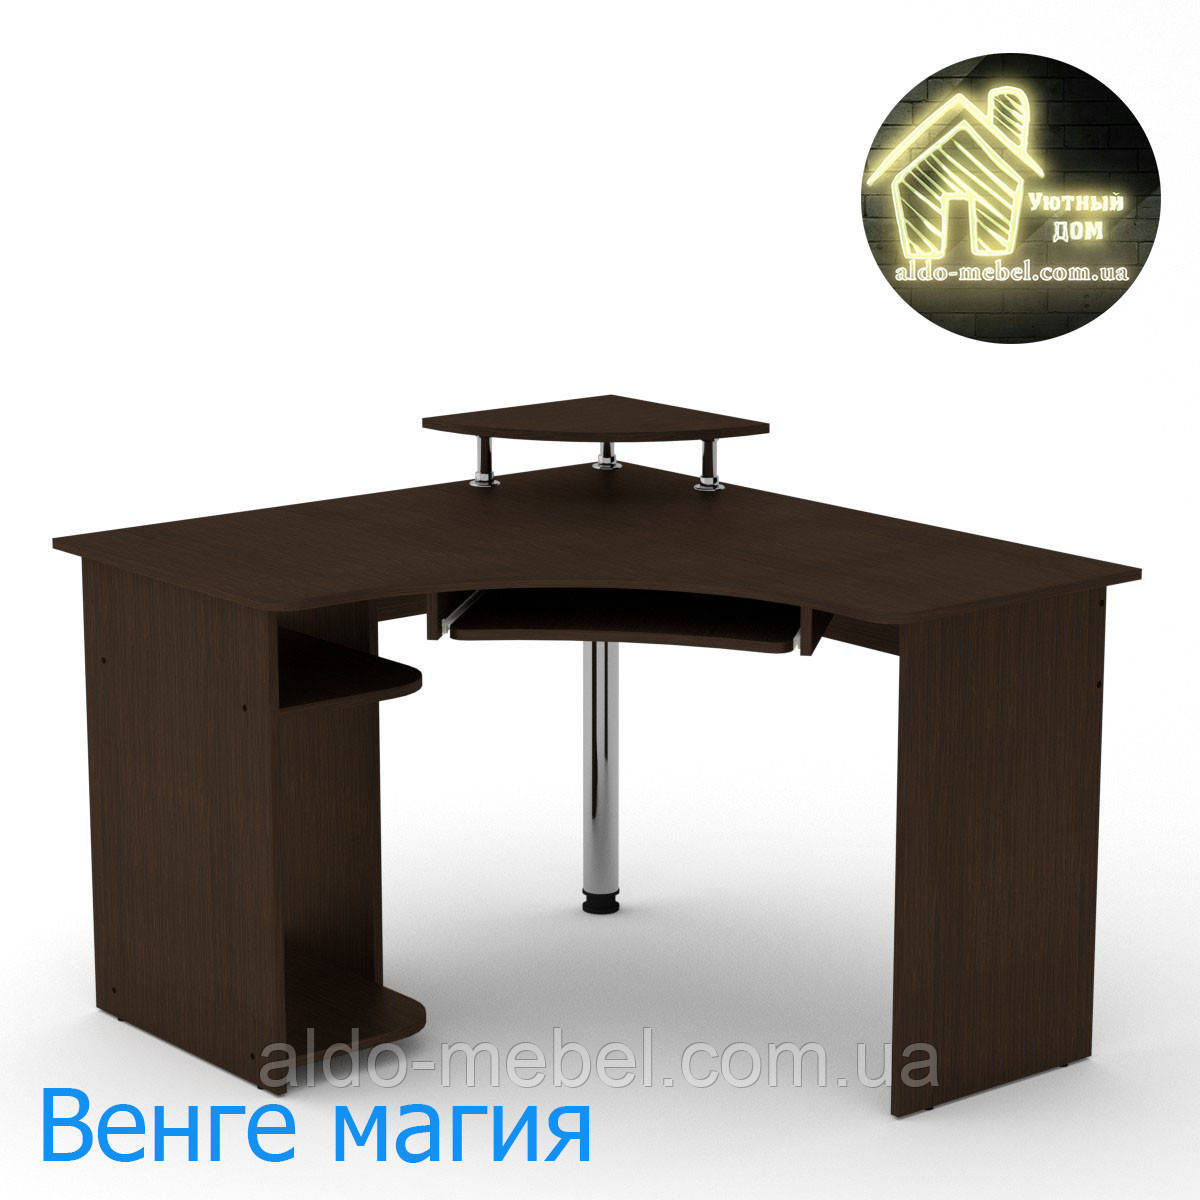 Стол компьютерный СУ - 8 Габариты Ш - 1200 мм; В - 736 + 116 мм; Г - 1100 мм (Компанит)